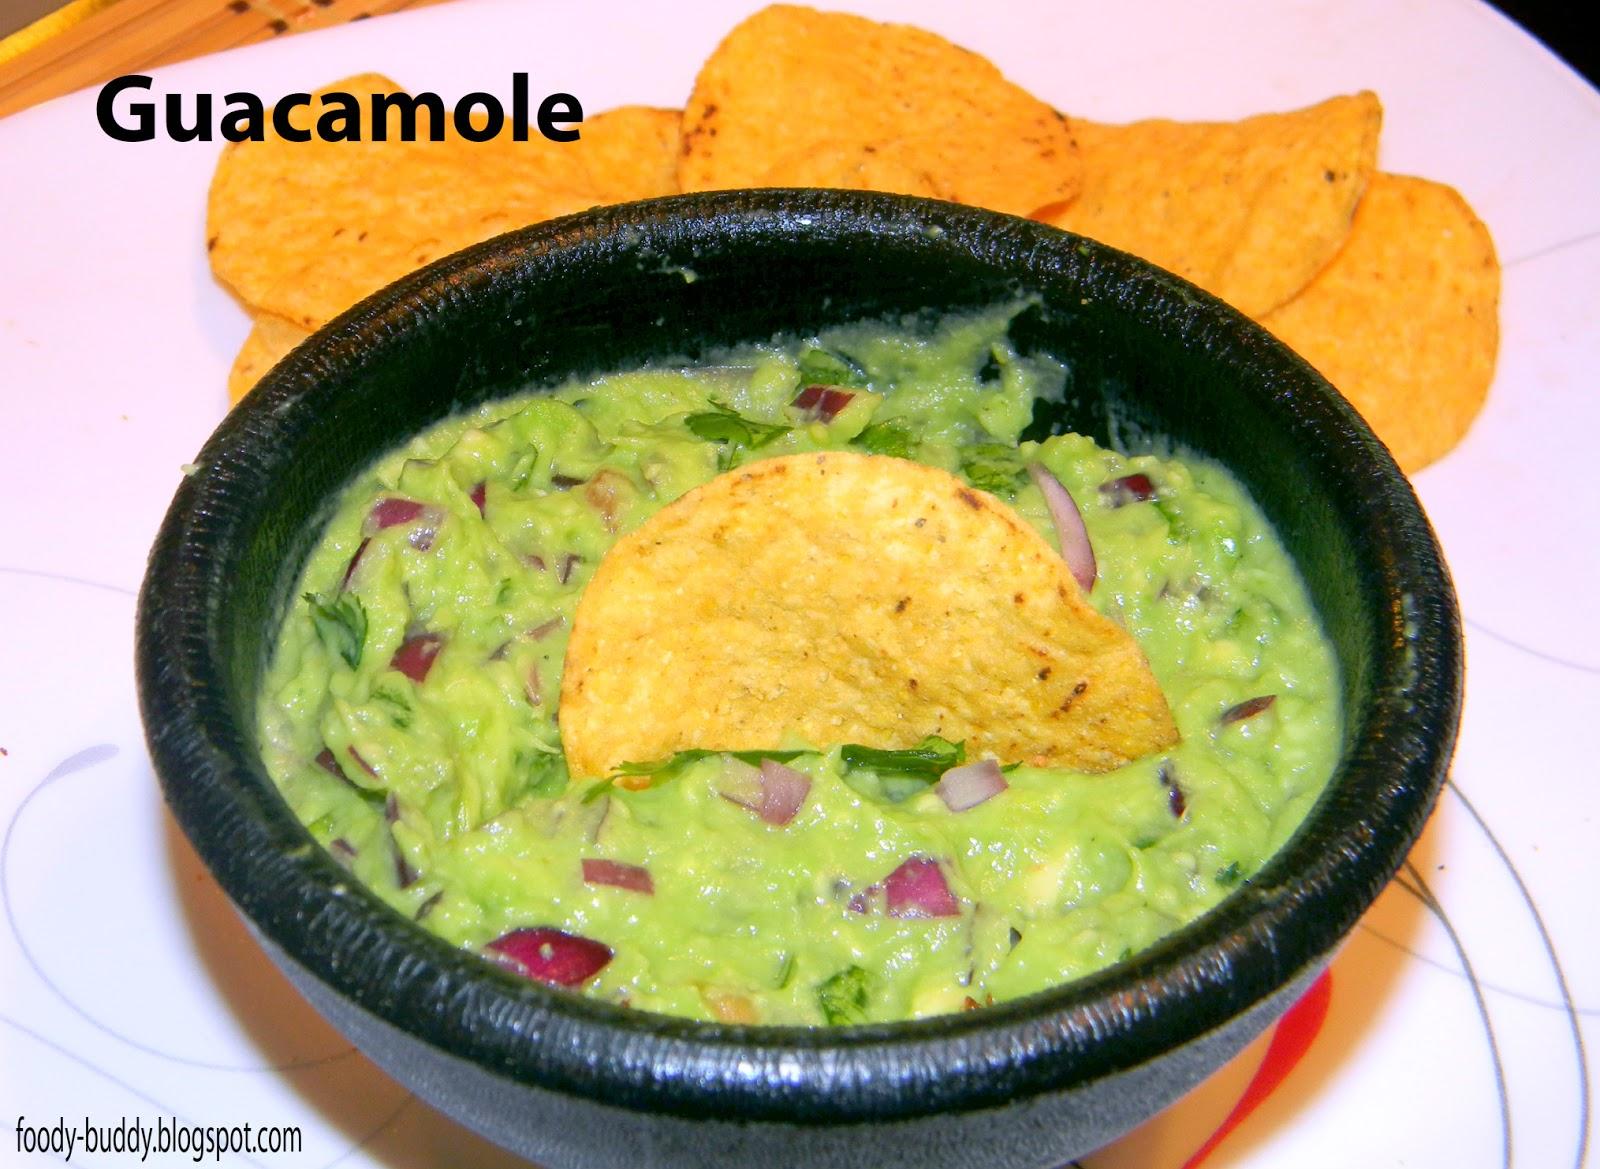 Foody - Buddy: Guacamole - Authentic Mexican Avocado Dip